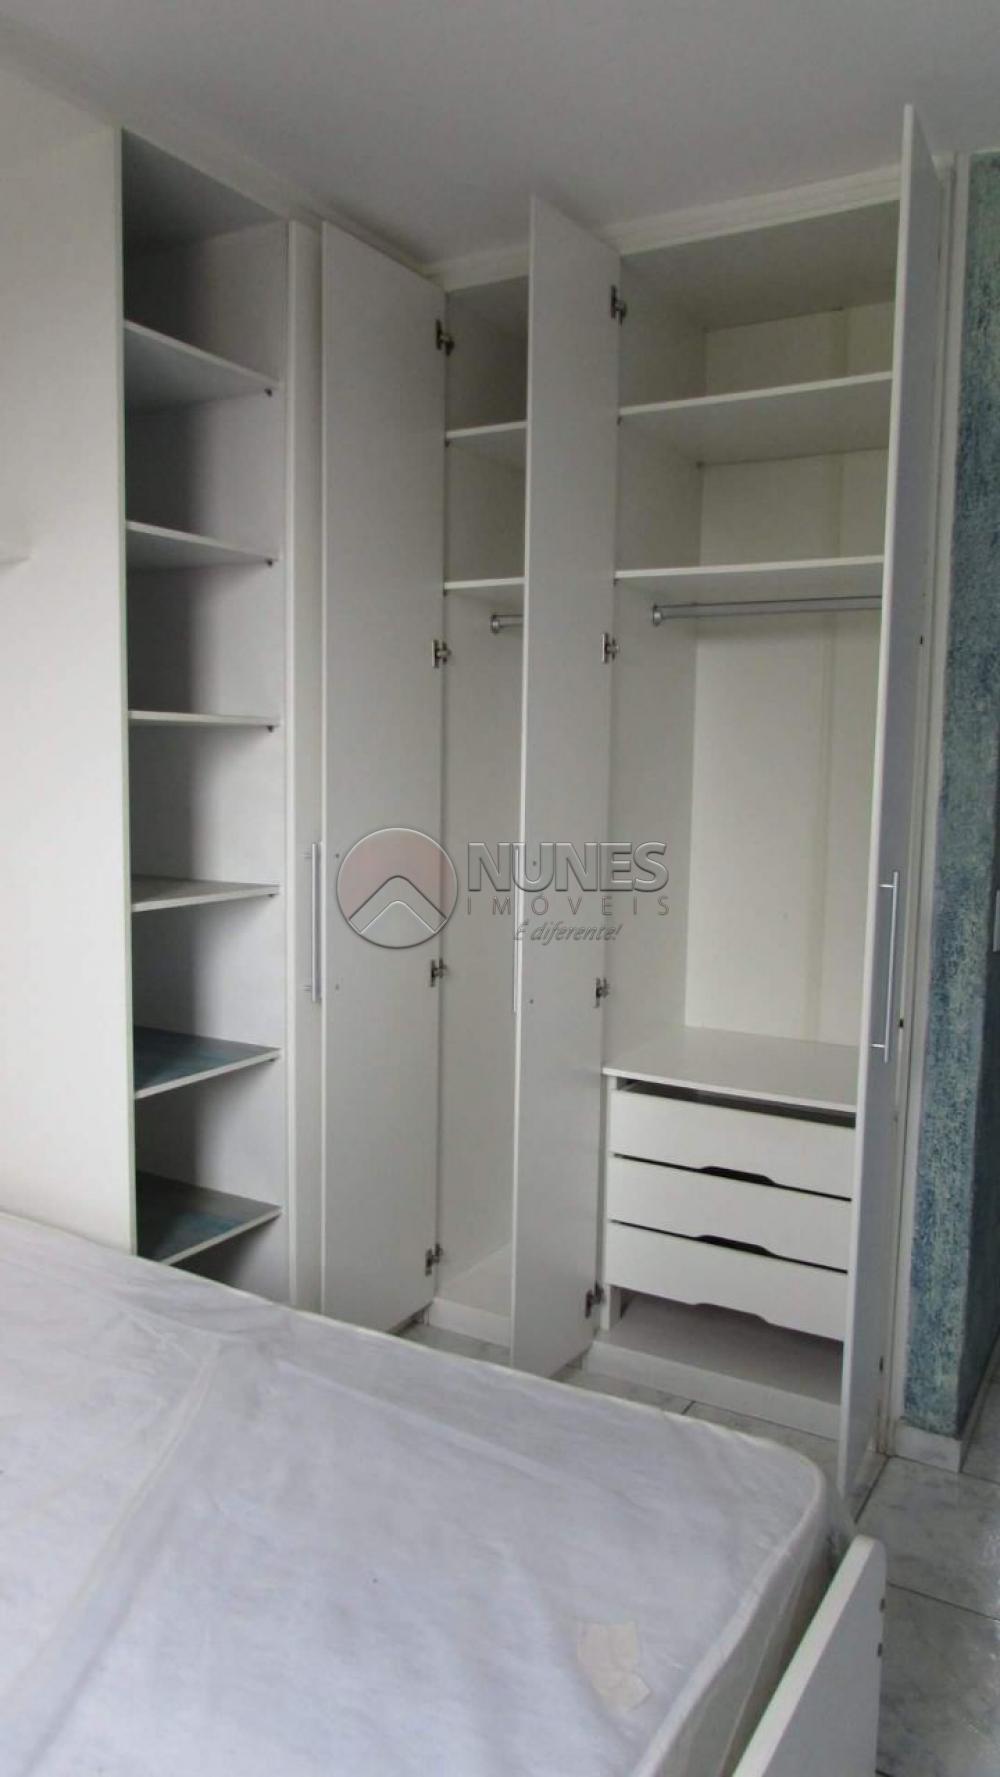 Comprar Apartamento / Padrão em São Paulo apenas R$ 350.000,00 - Foto 4